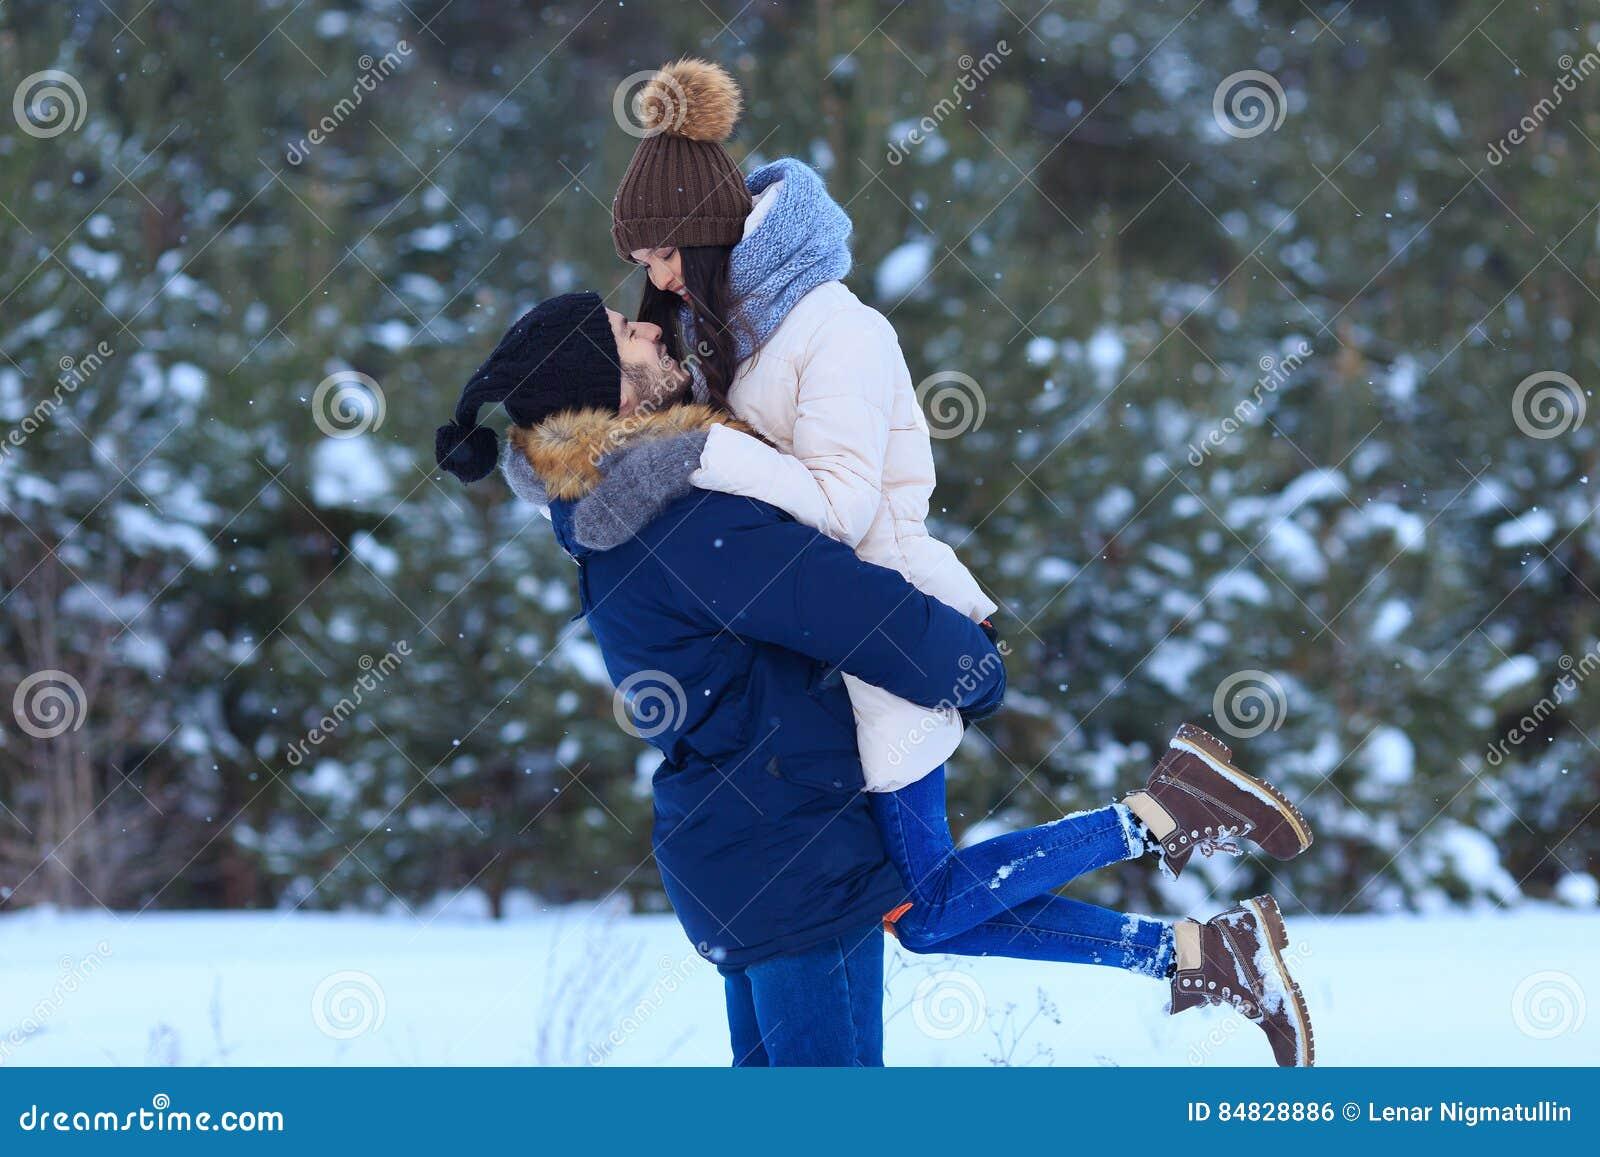 Küssen und christliche datierung